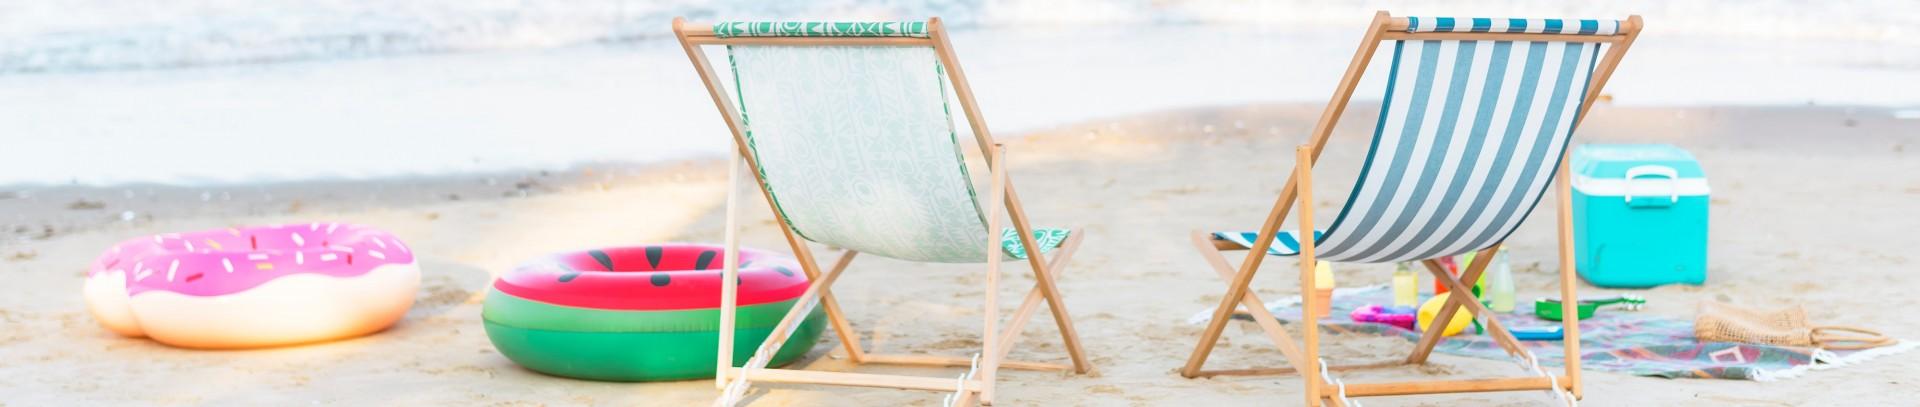 Wyloguj się na plaży